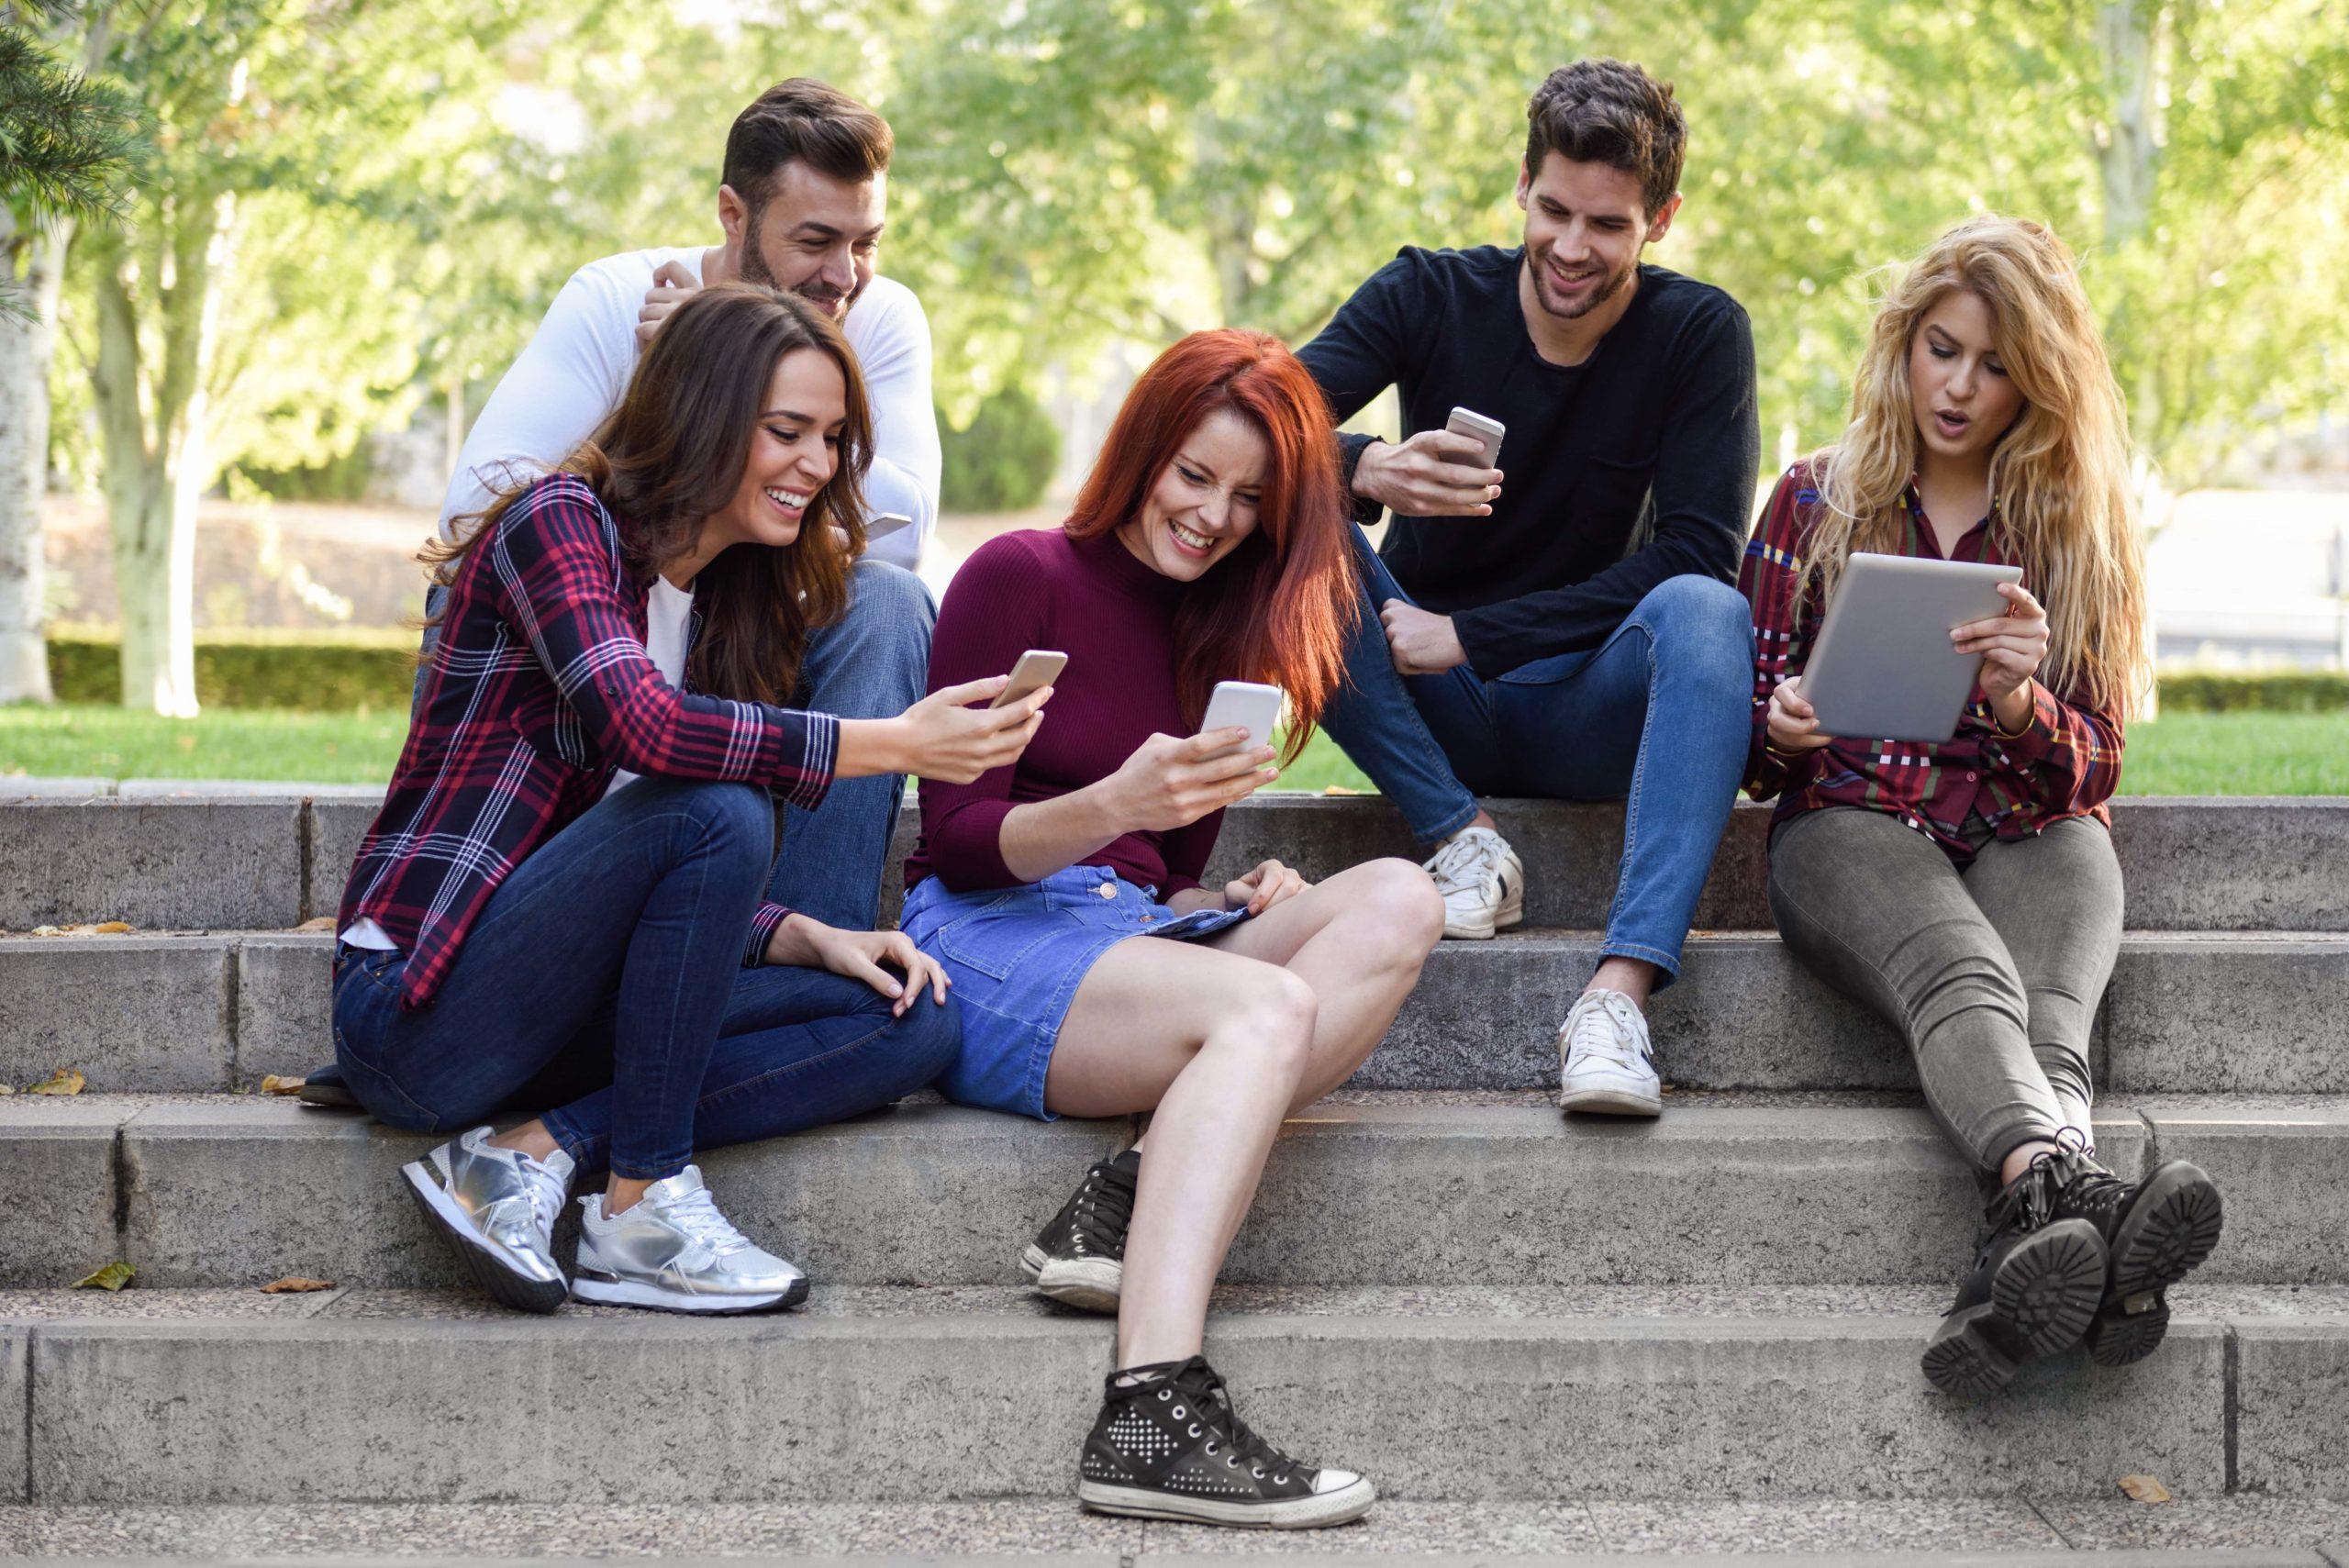 Vanzelfsprekendheid - WiFi netwerk onderwijs